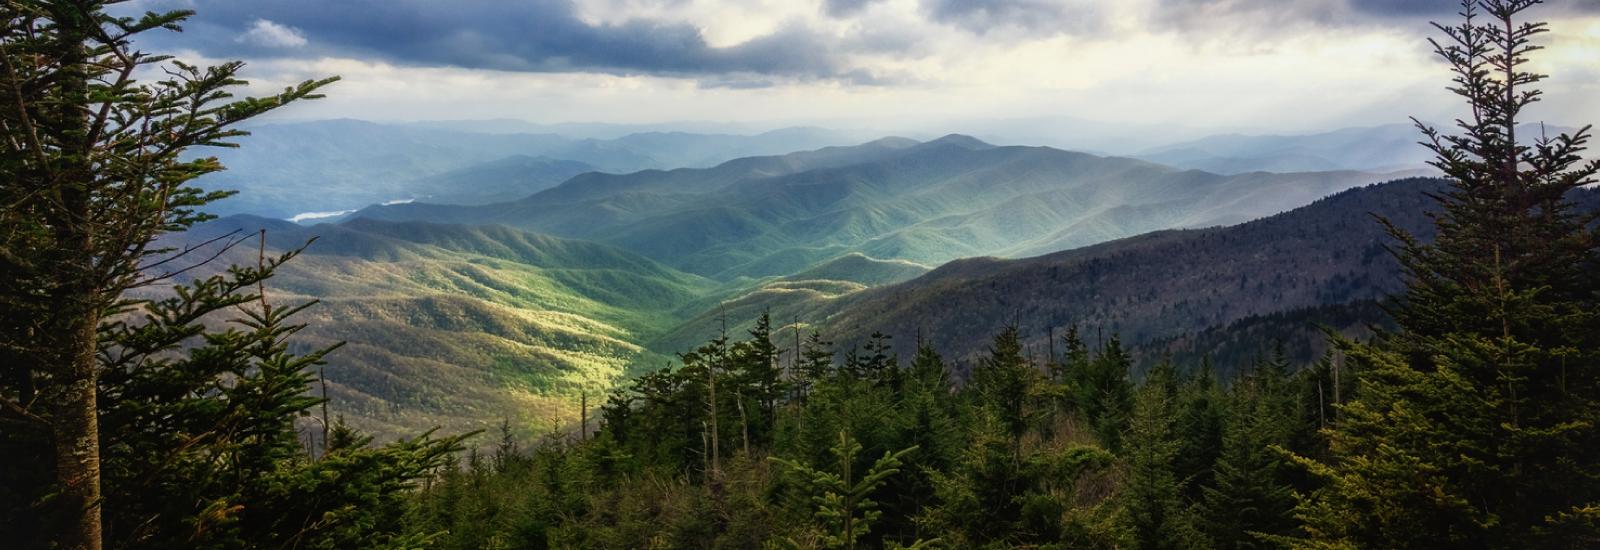 Camp Lejeune Mountains